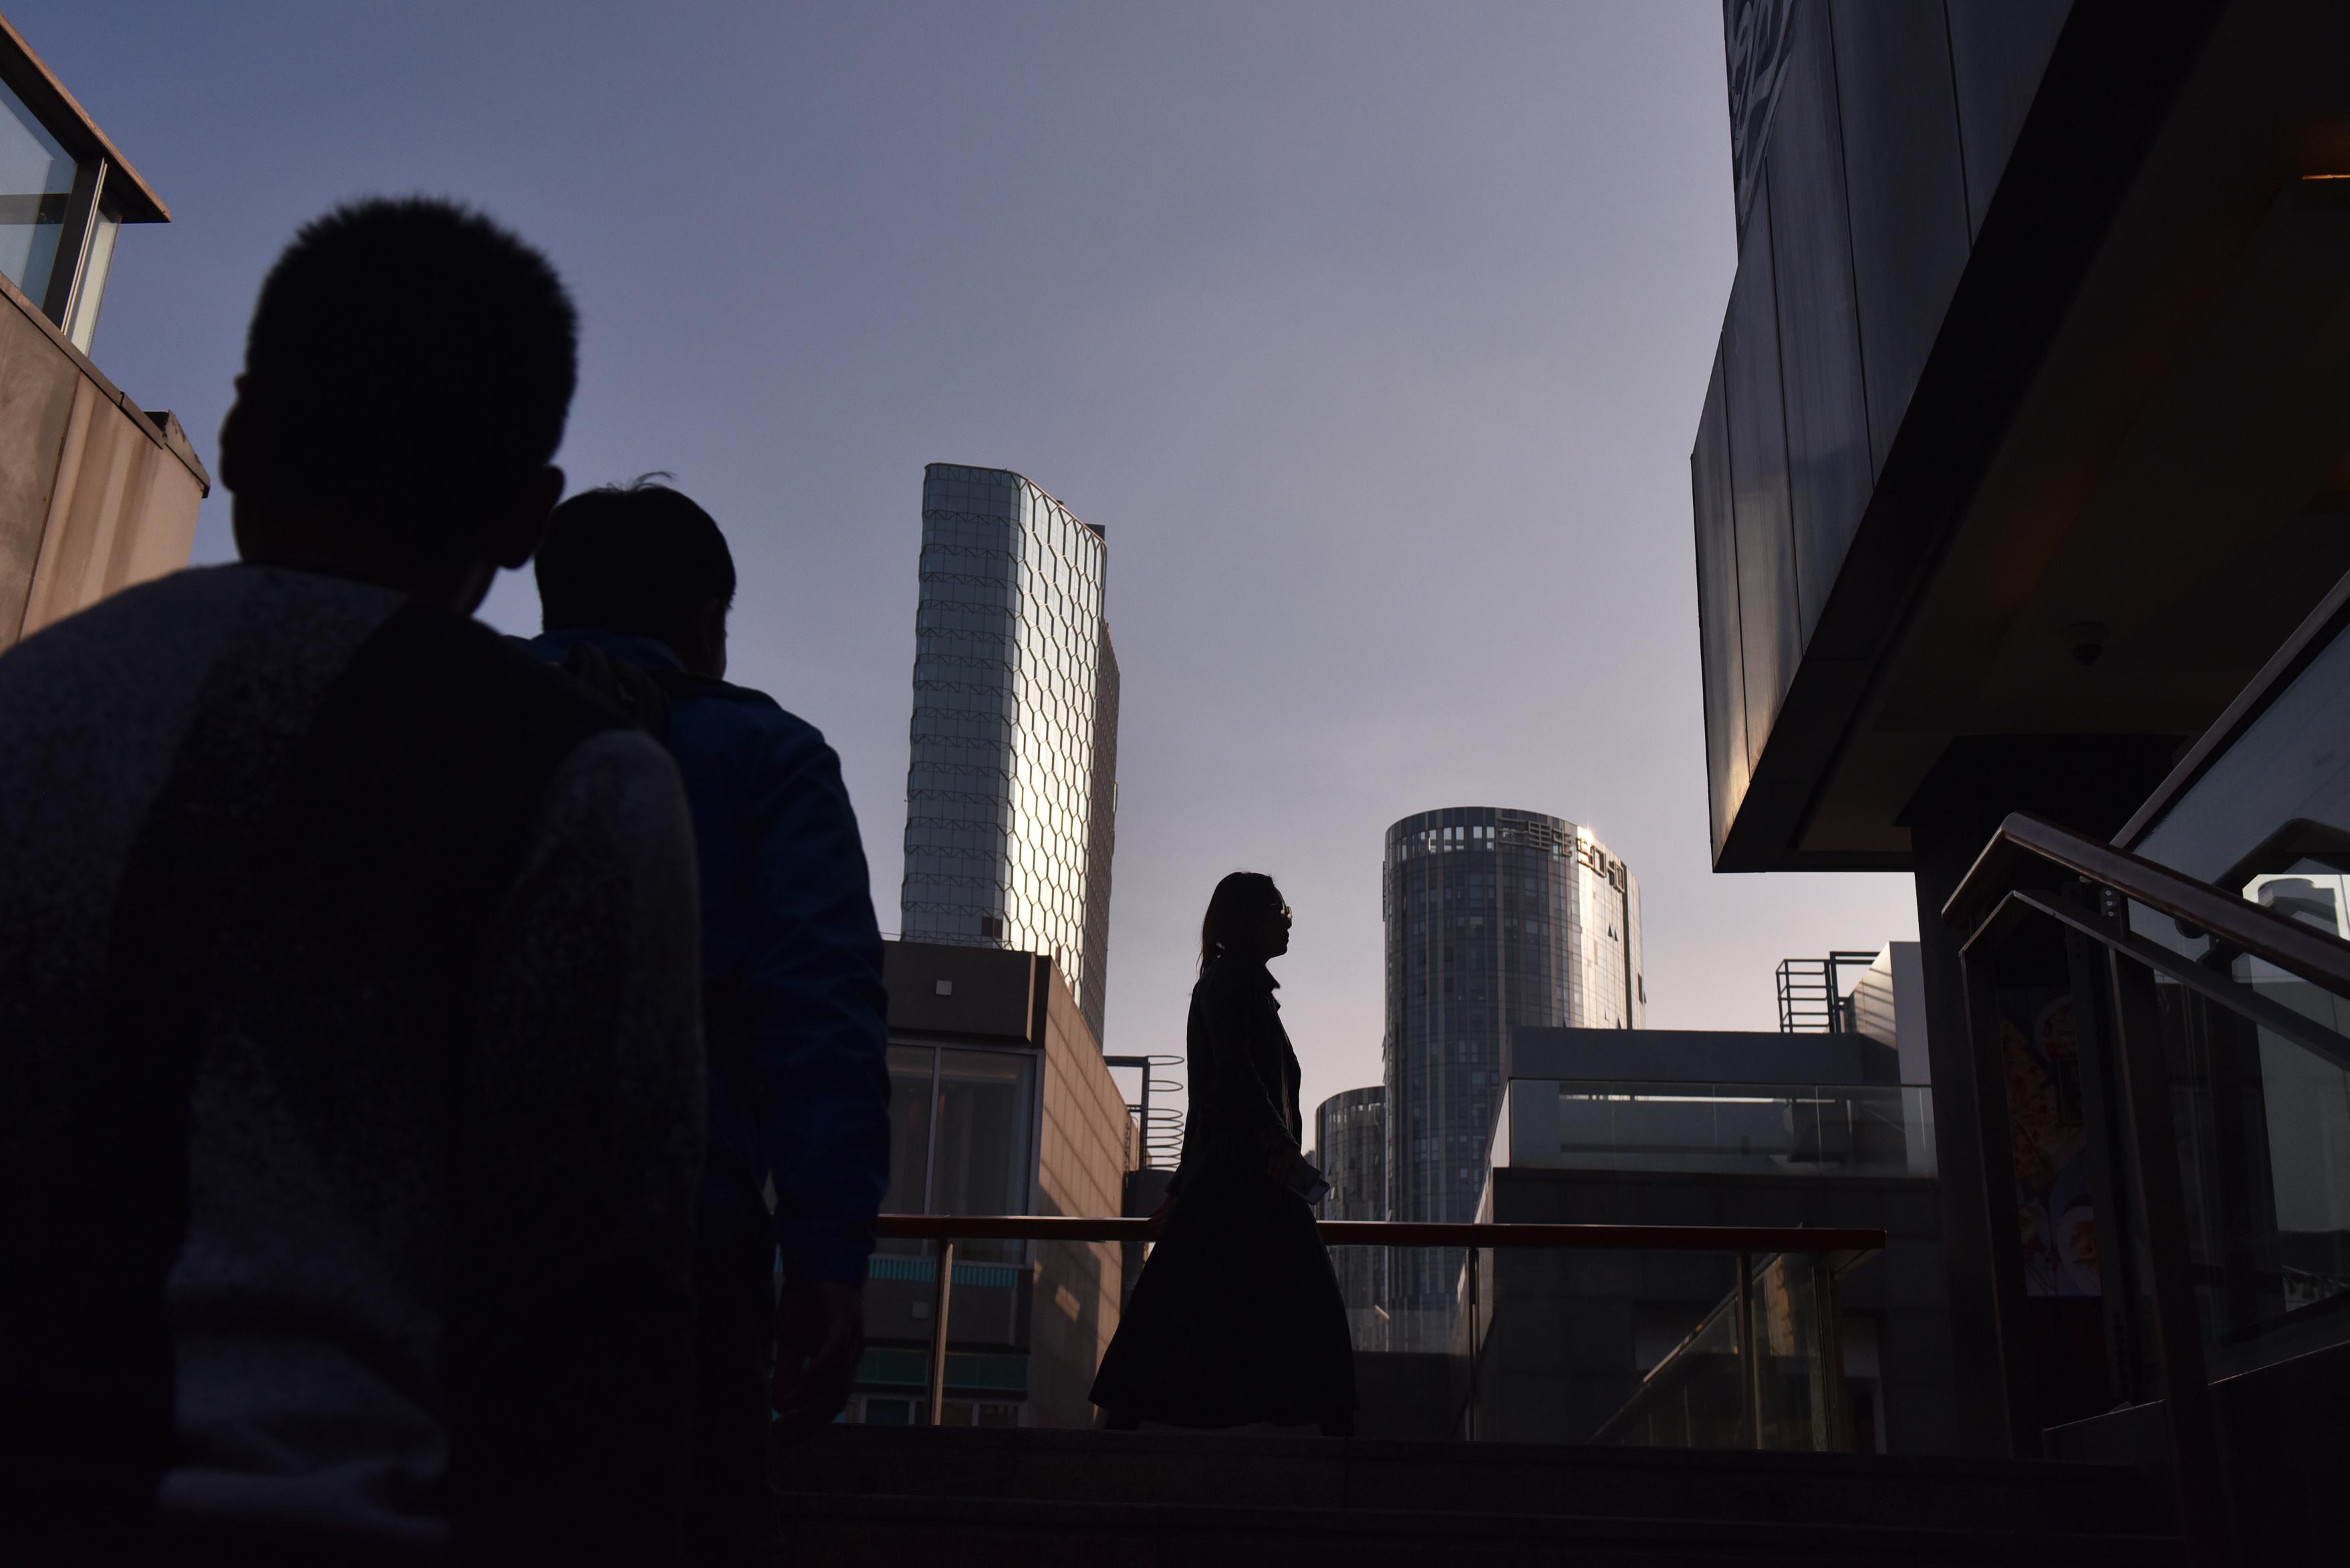 竊國70年 中共治下中國七大醜惡經濟現象